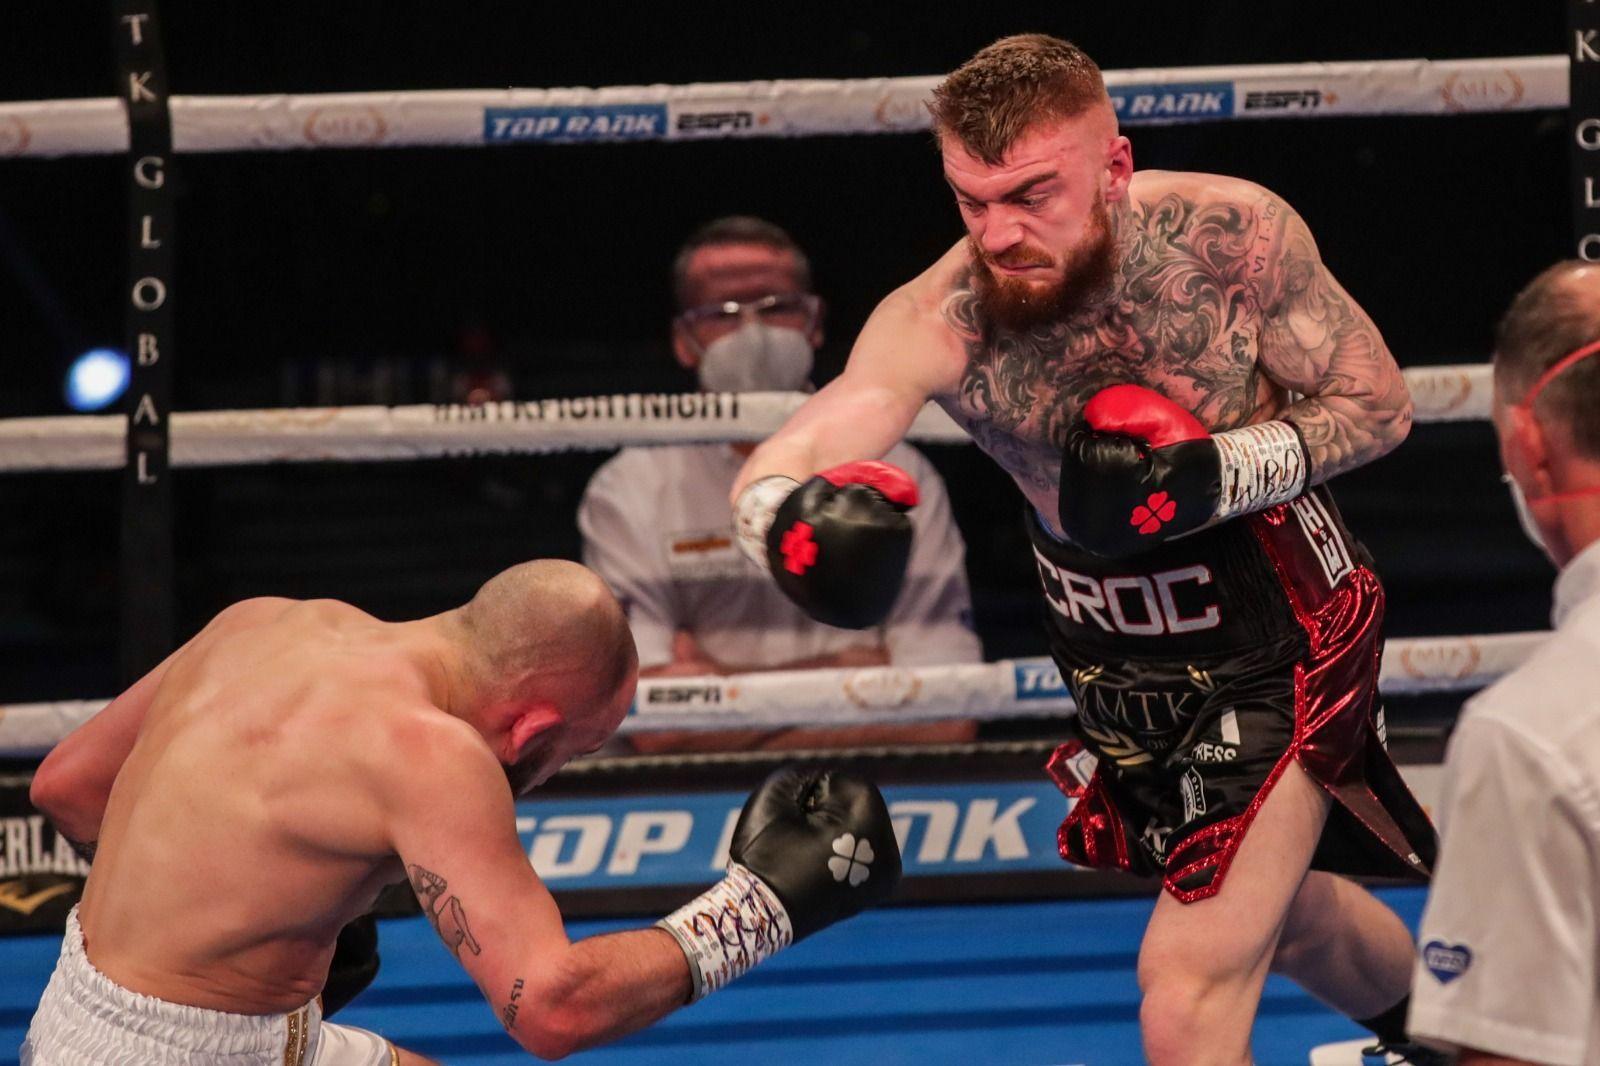 Lewis Crocker won a thrilling contest against Deniz Ilbay back in March